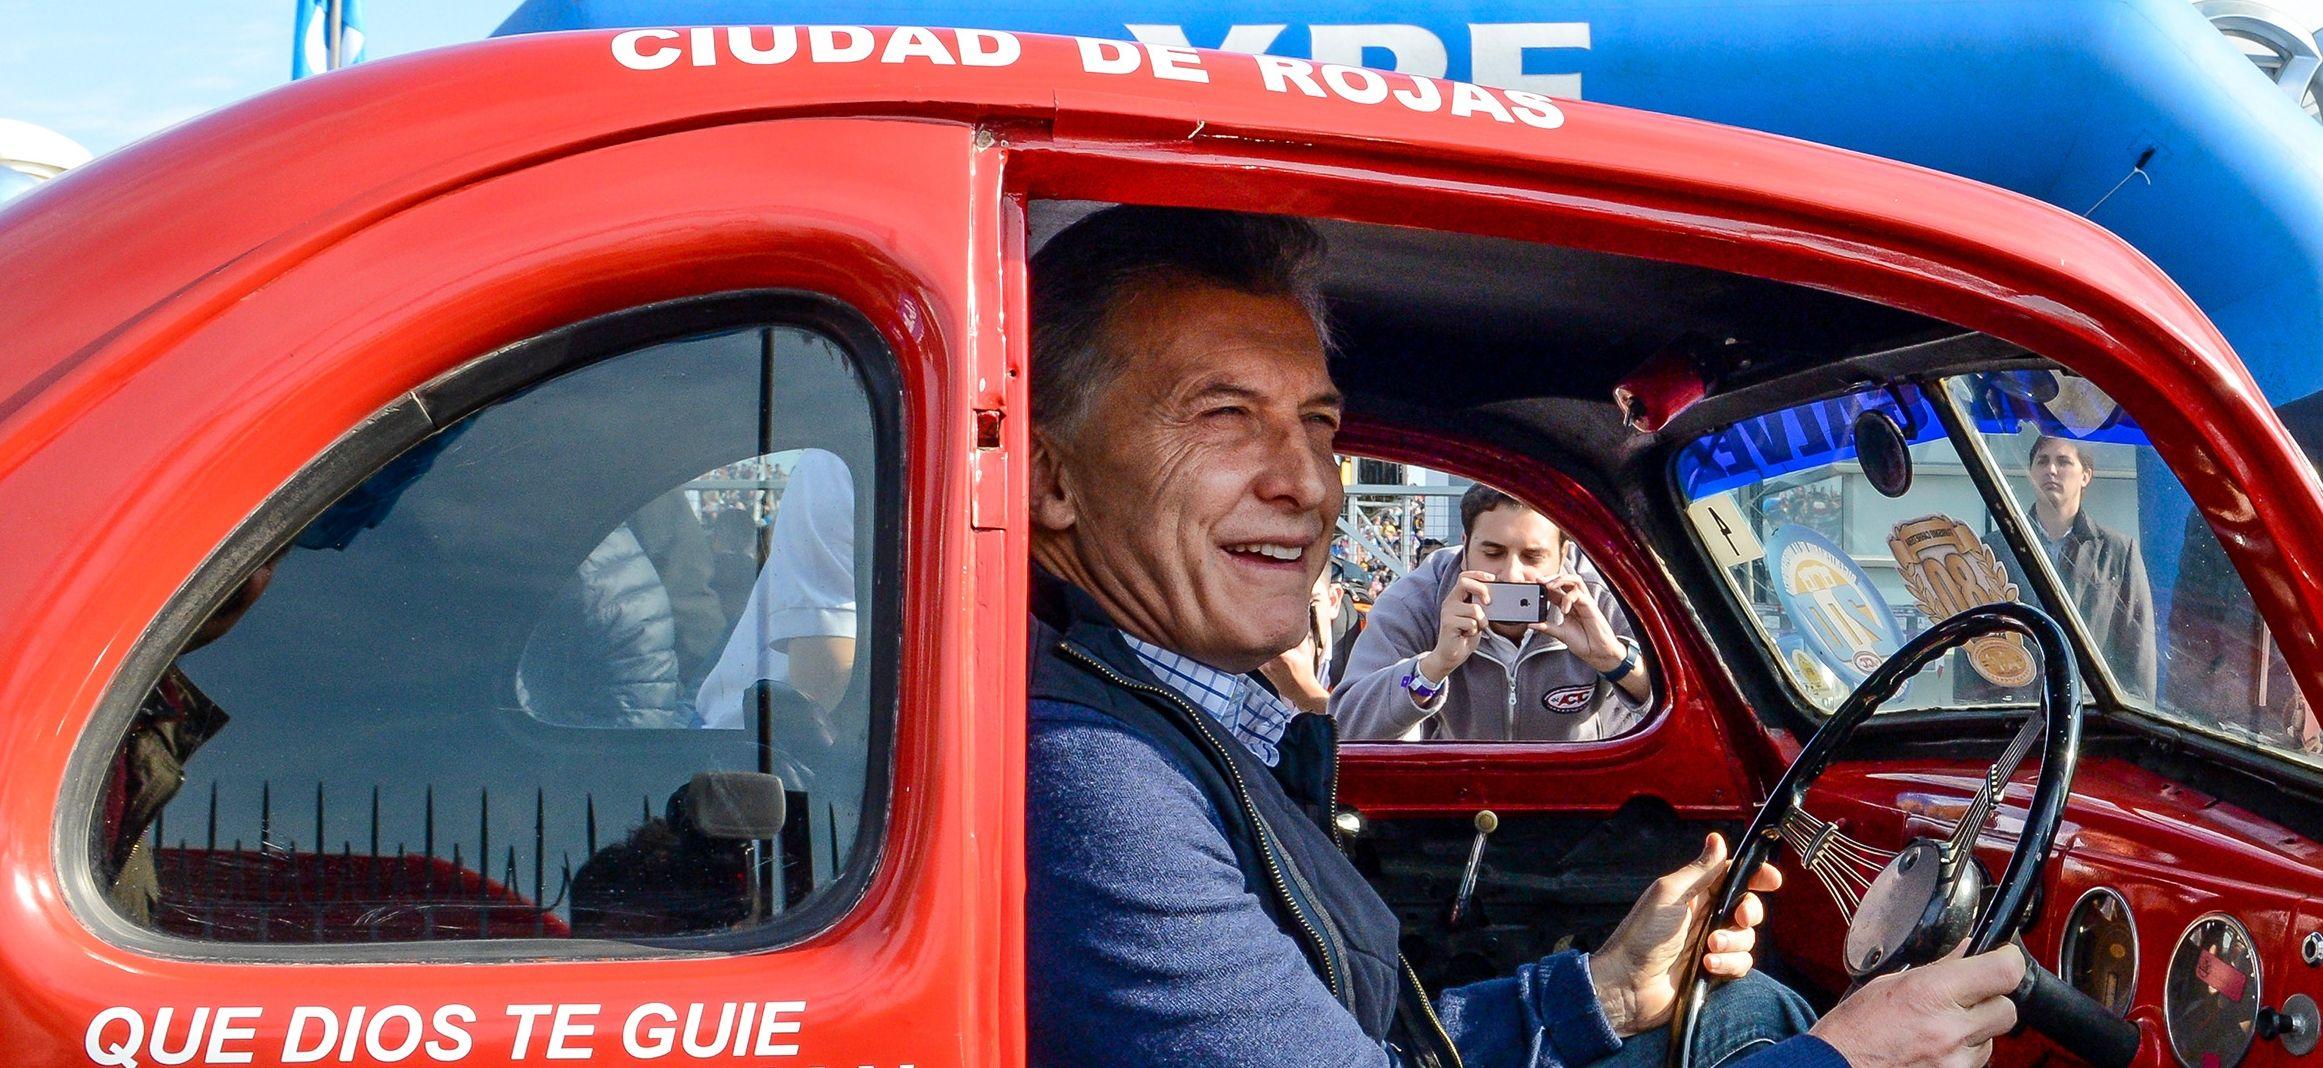 Macri pidió que Dios lo ilumine, de cara a las PASO del próximo domingo